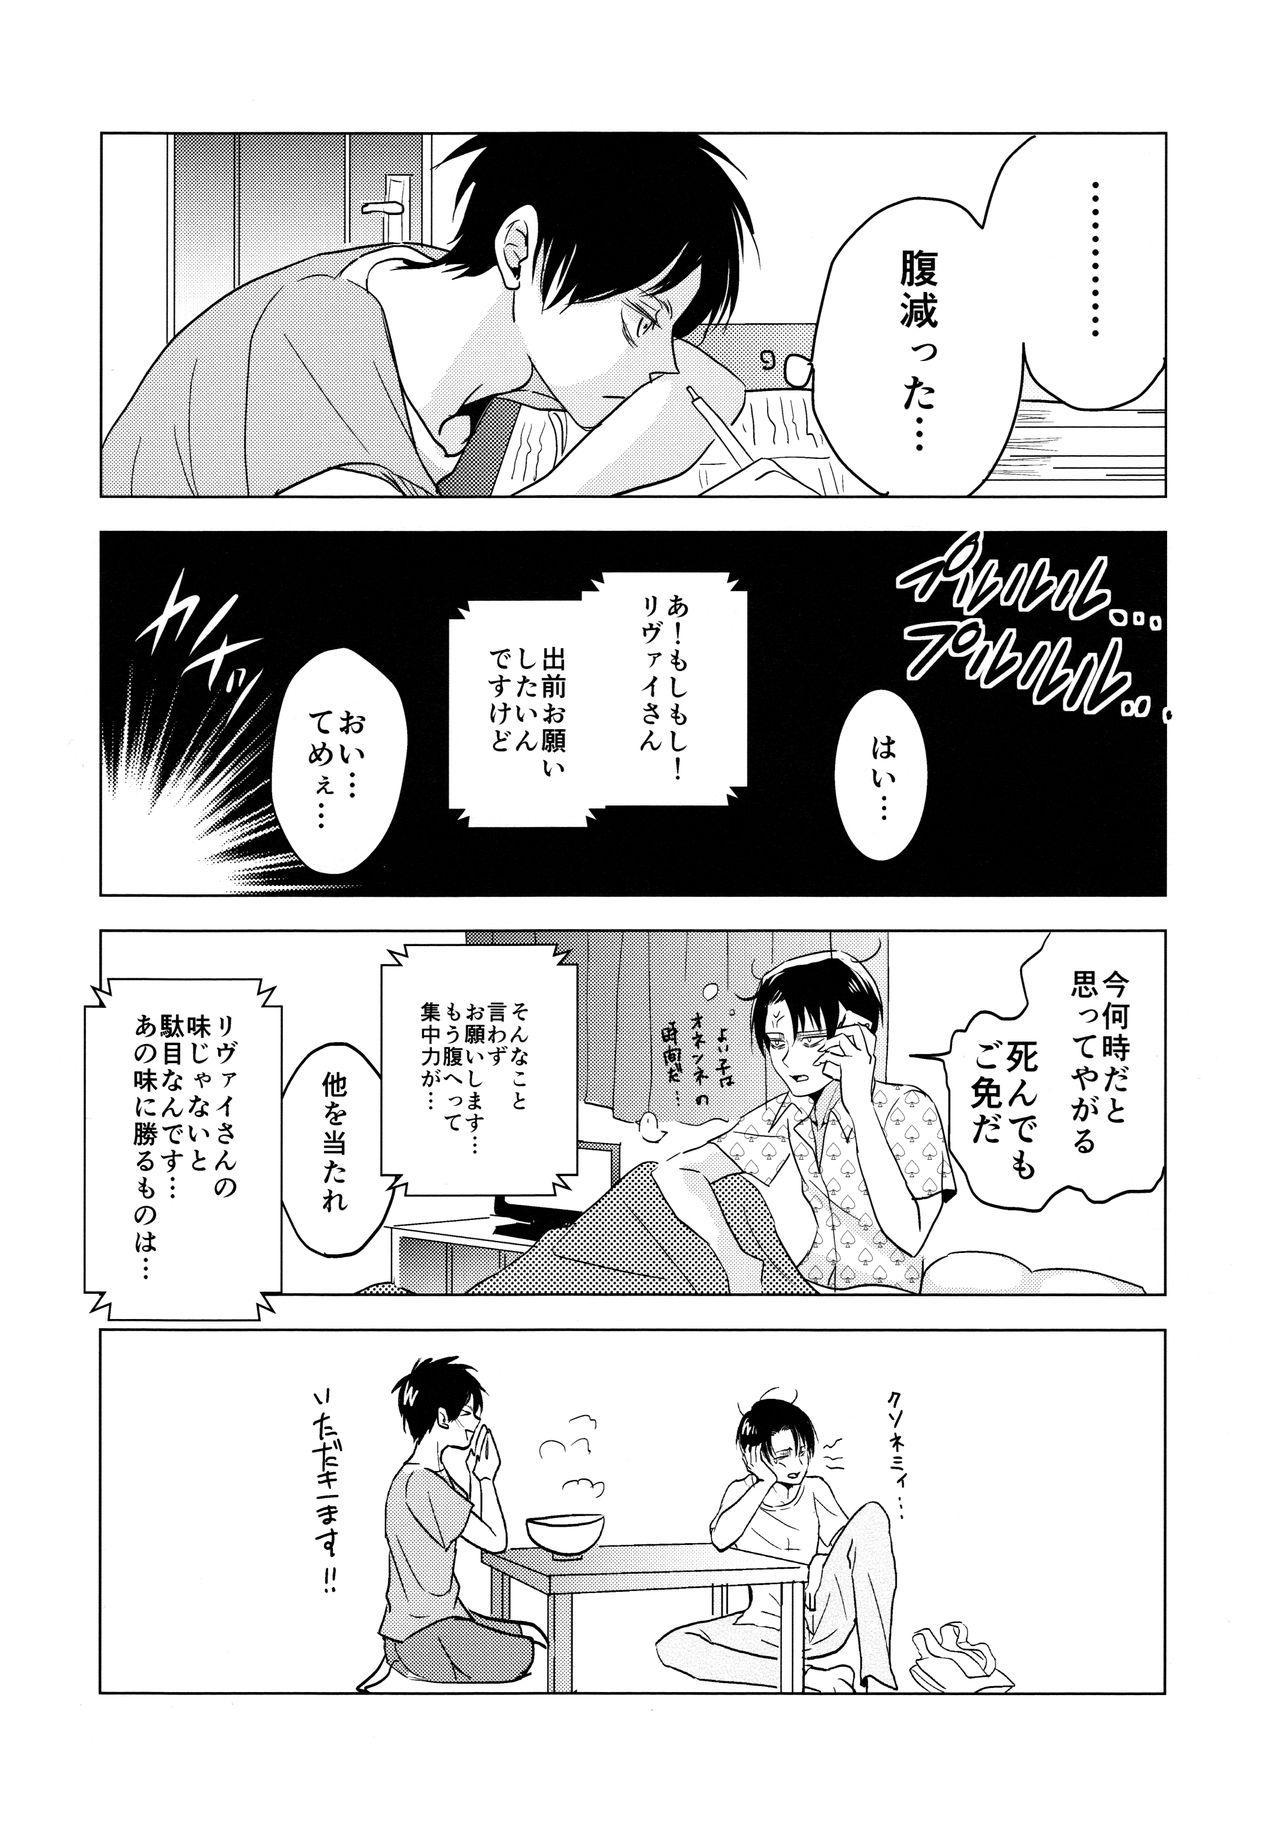 Gochidou-sama deshita. 34